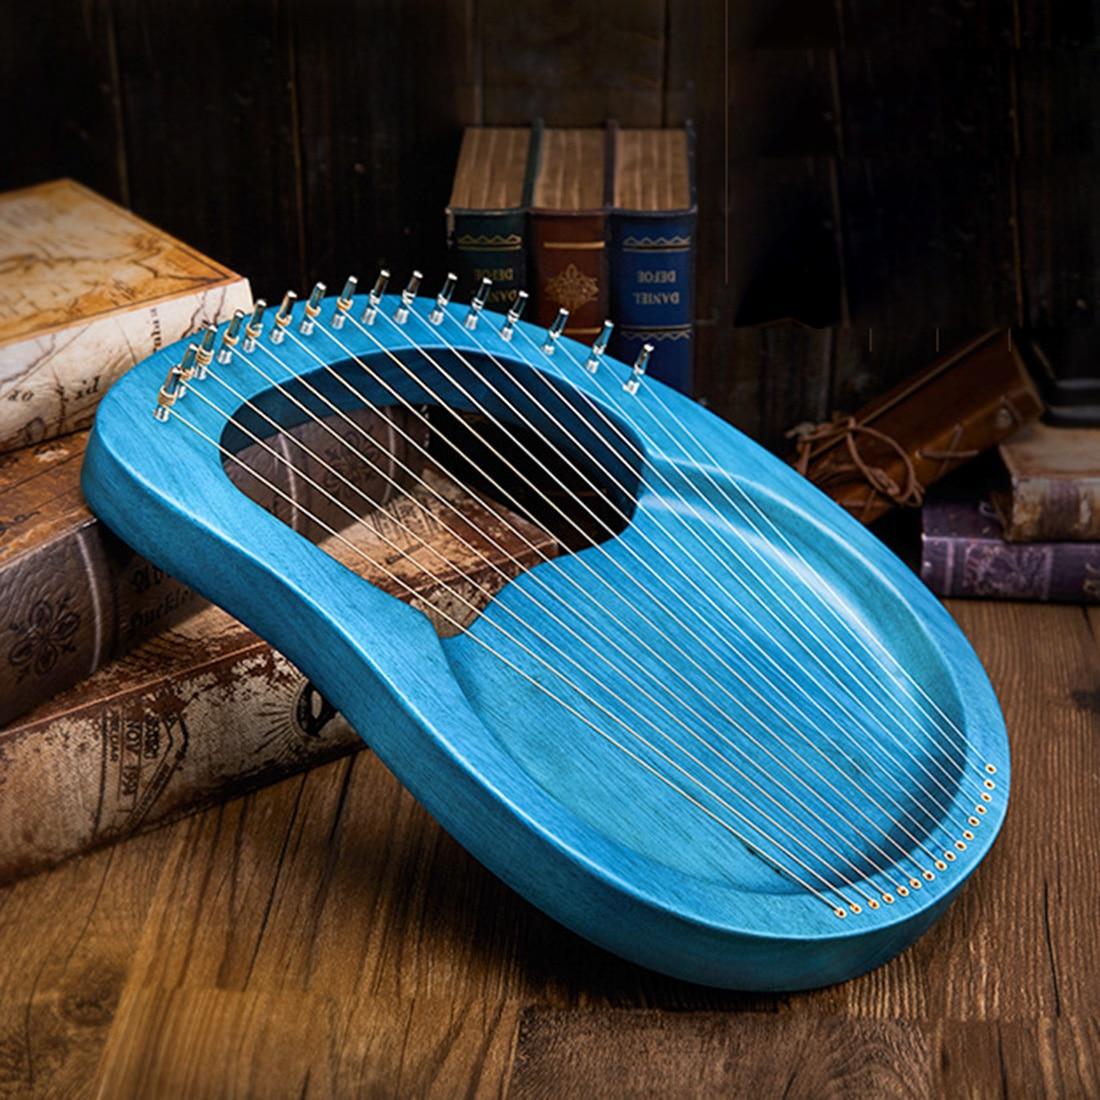 de madeira instrumentos musicais clássicos crianças presente